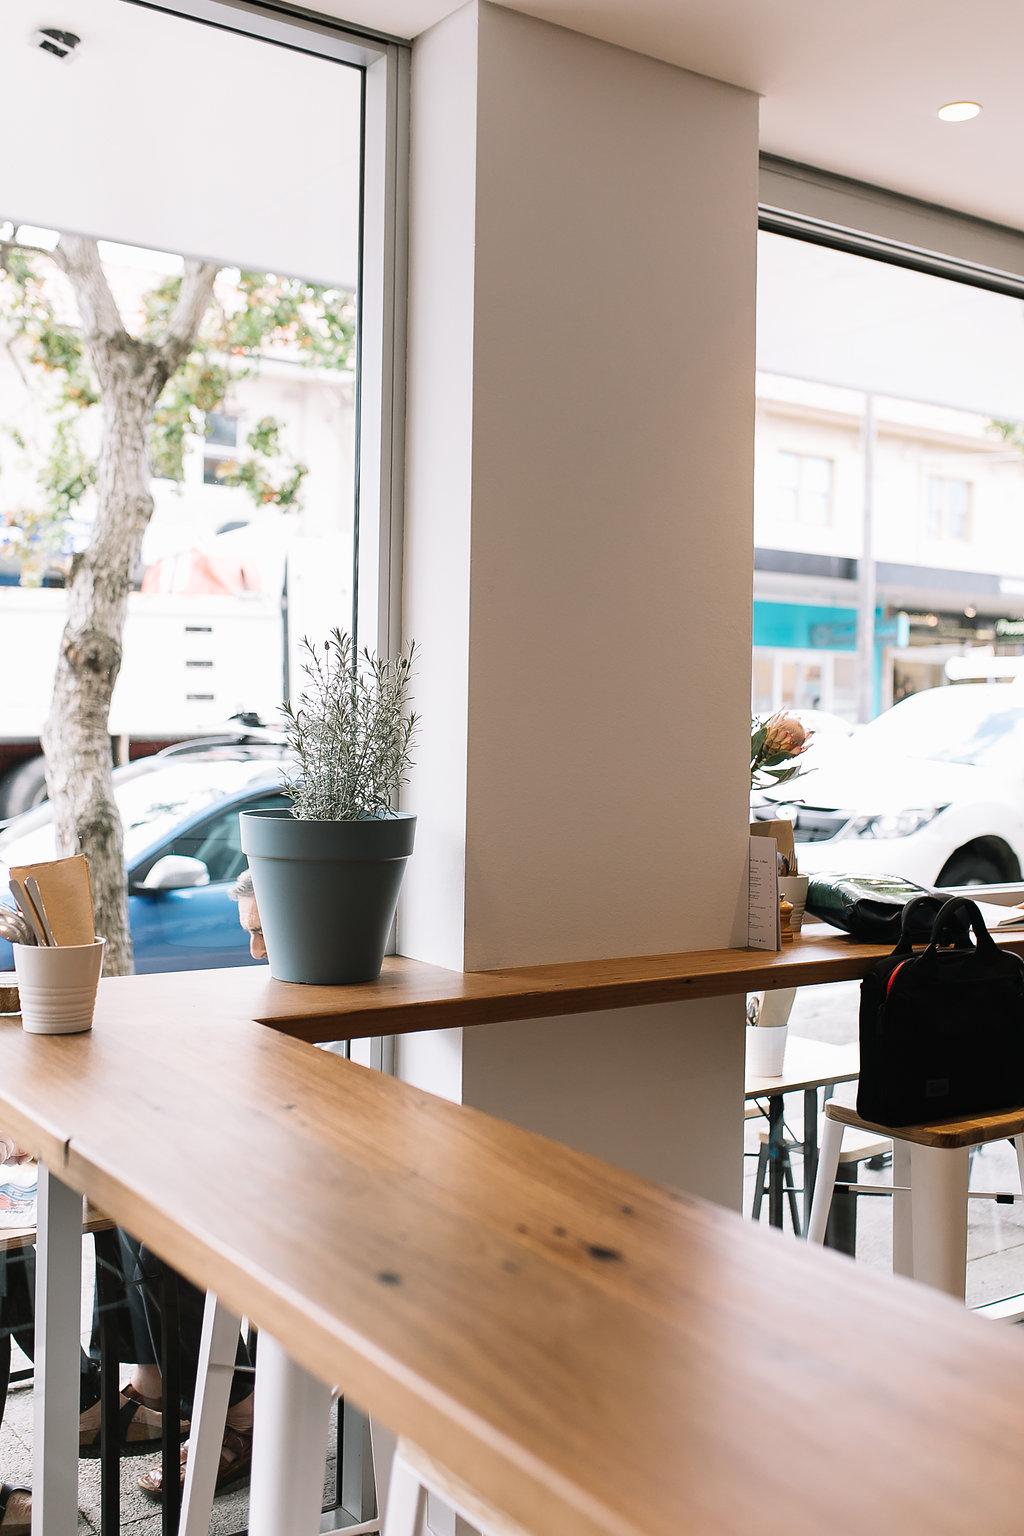 custom wrap around window bench for clodeli